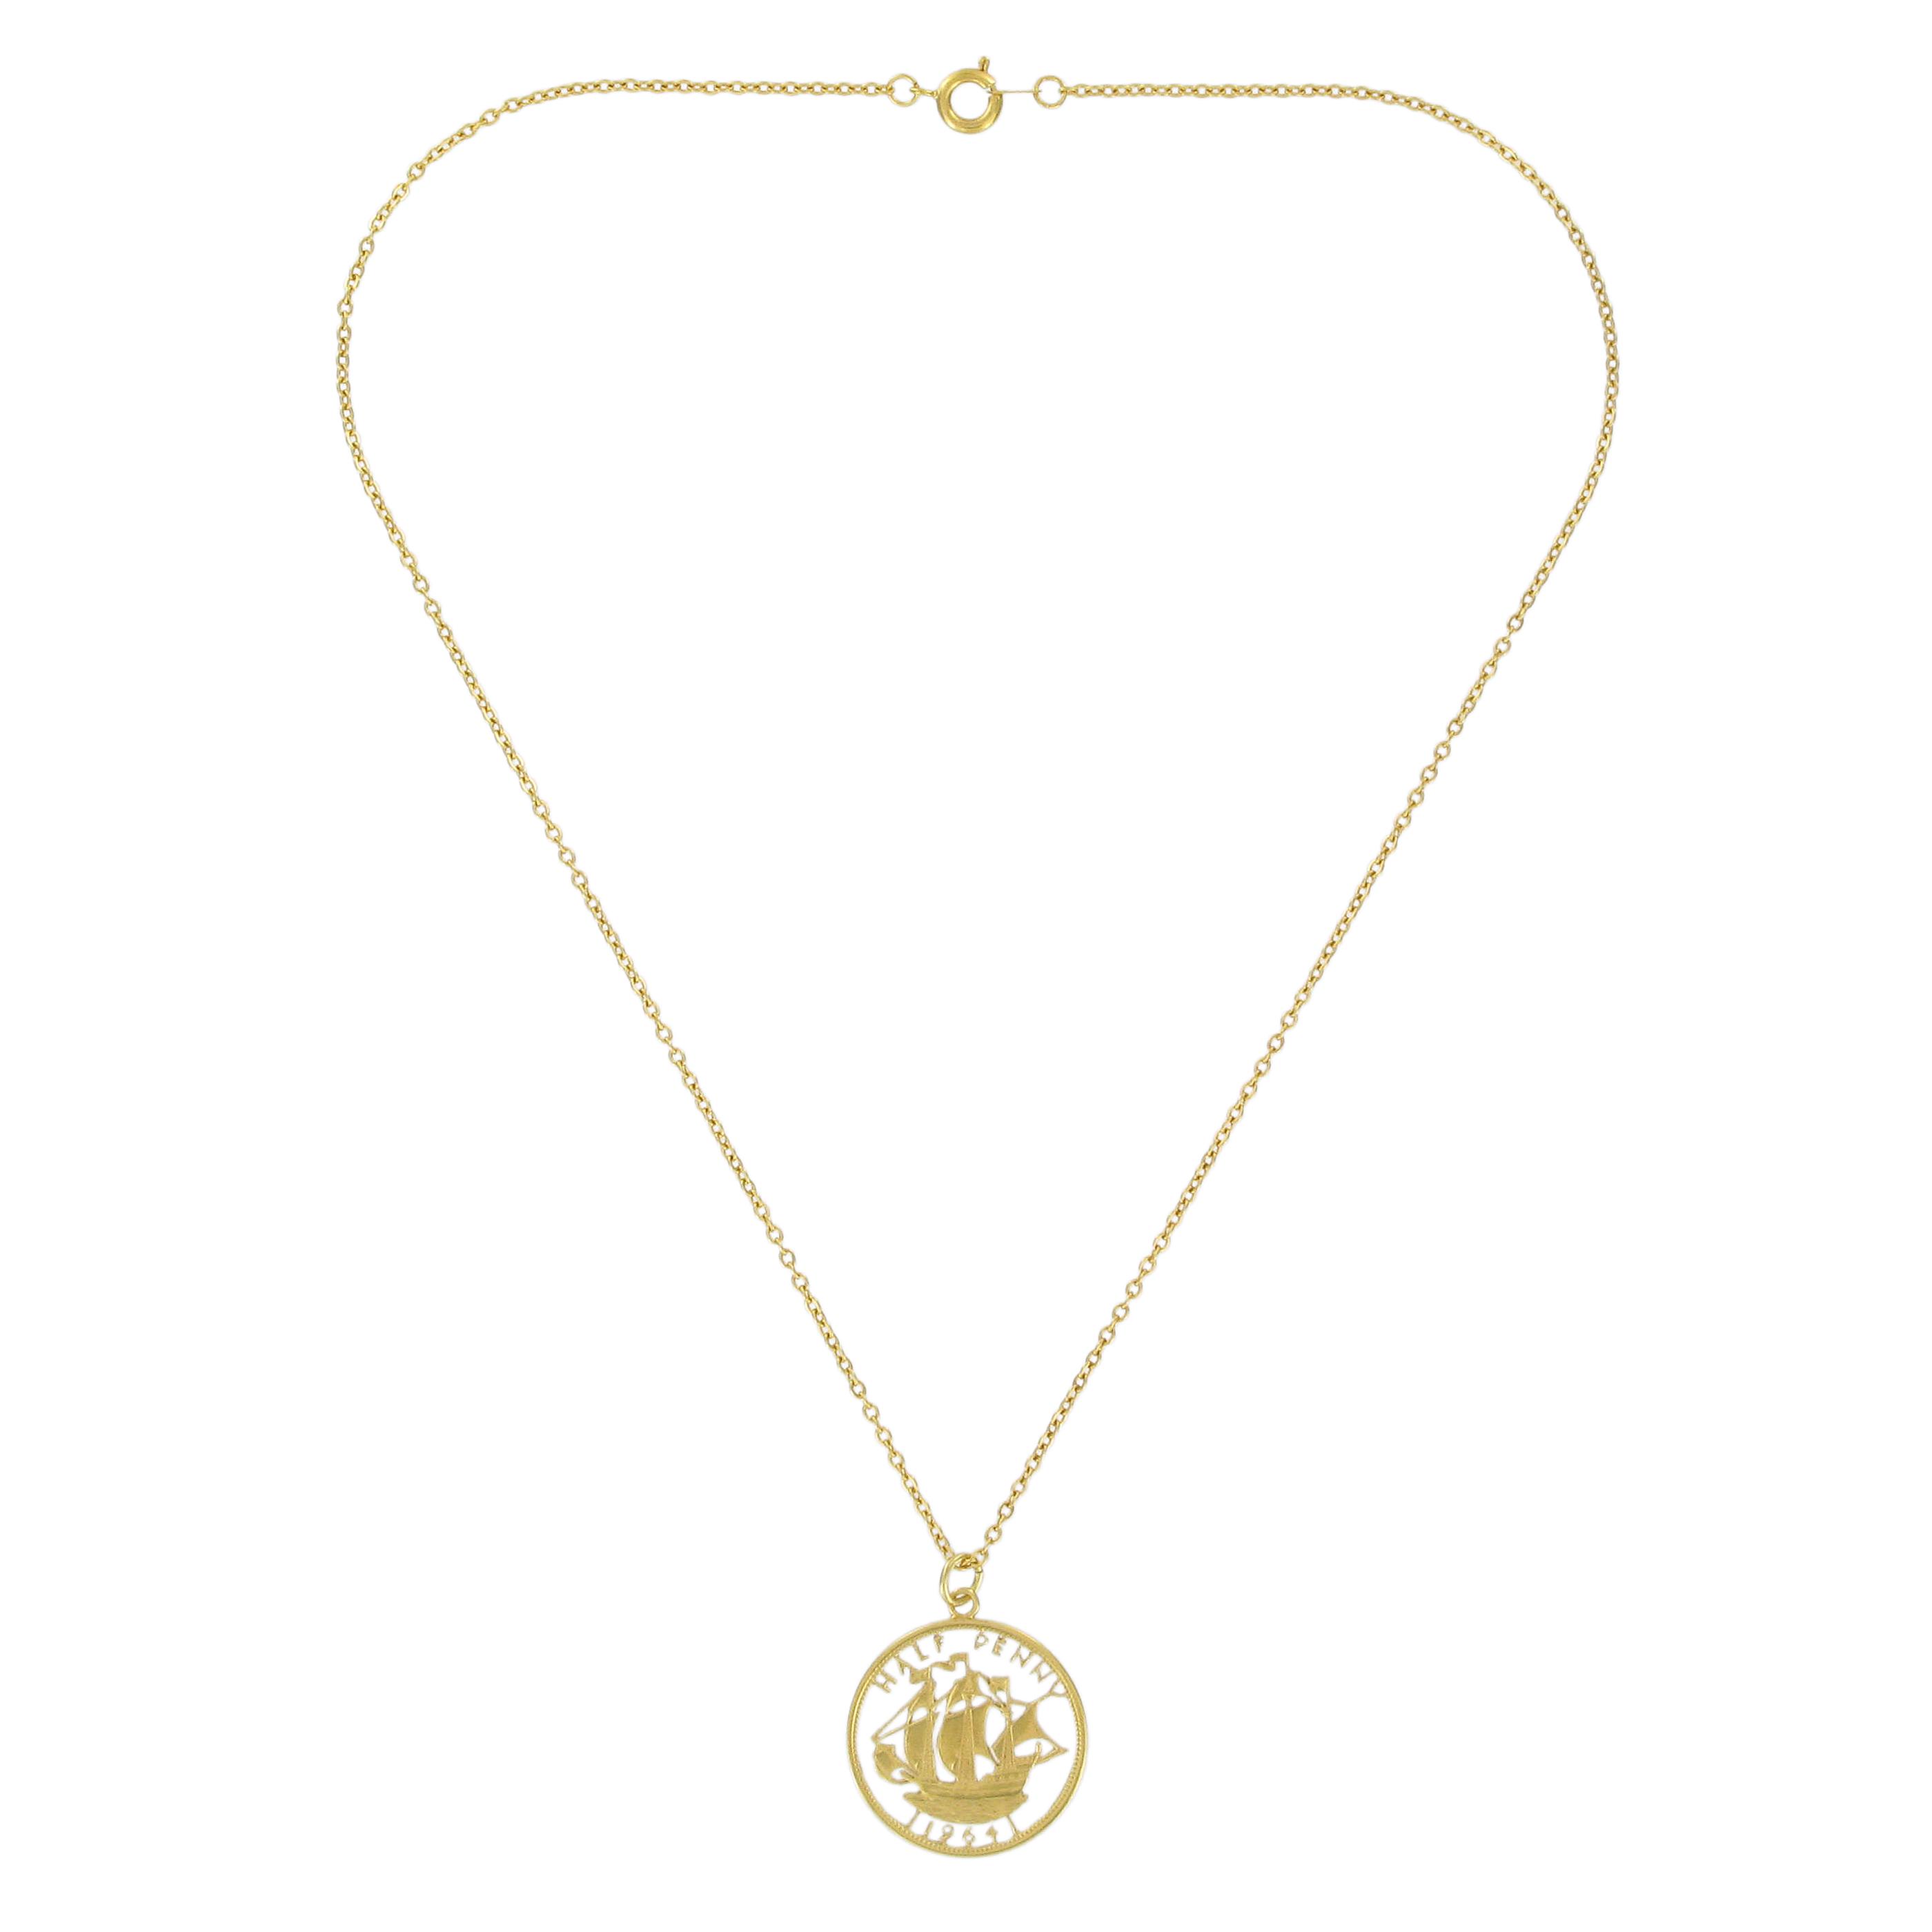 Half penny necklace